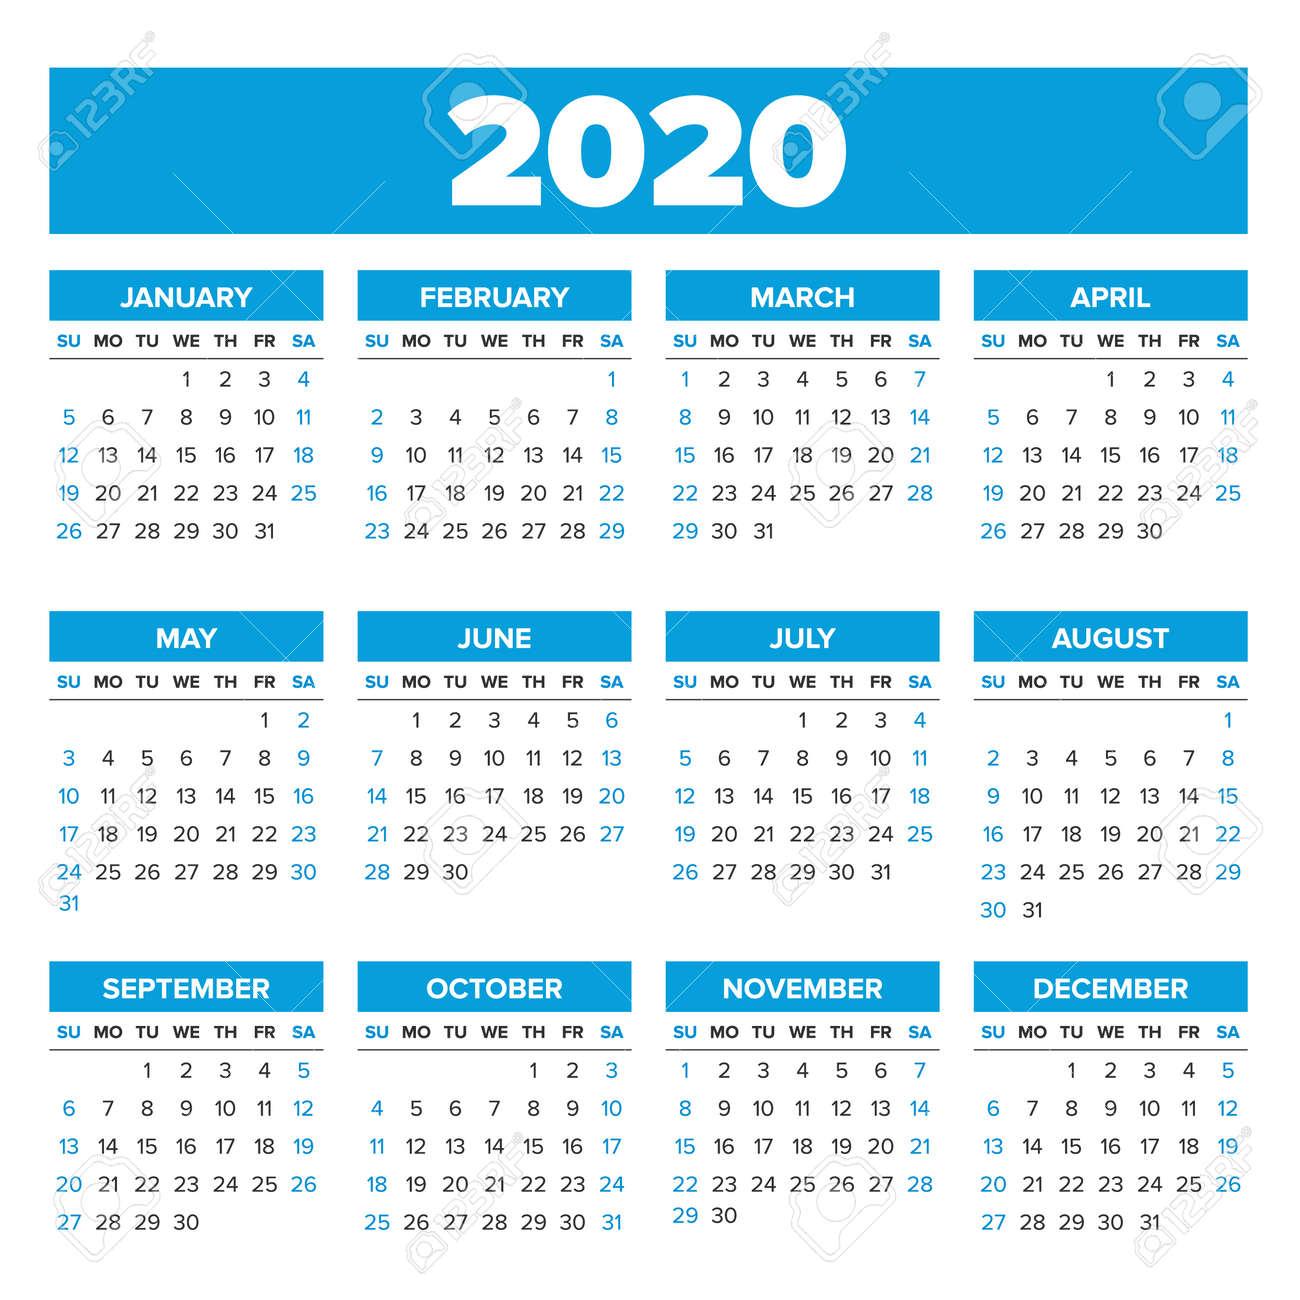 Acb Calendario 2020.Acb Calendario 2020